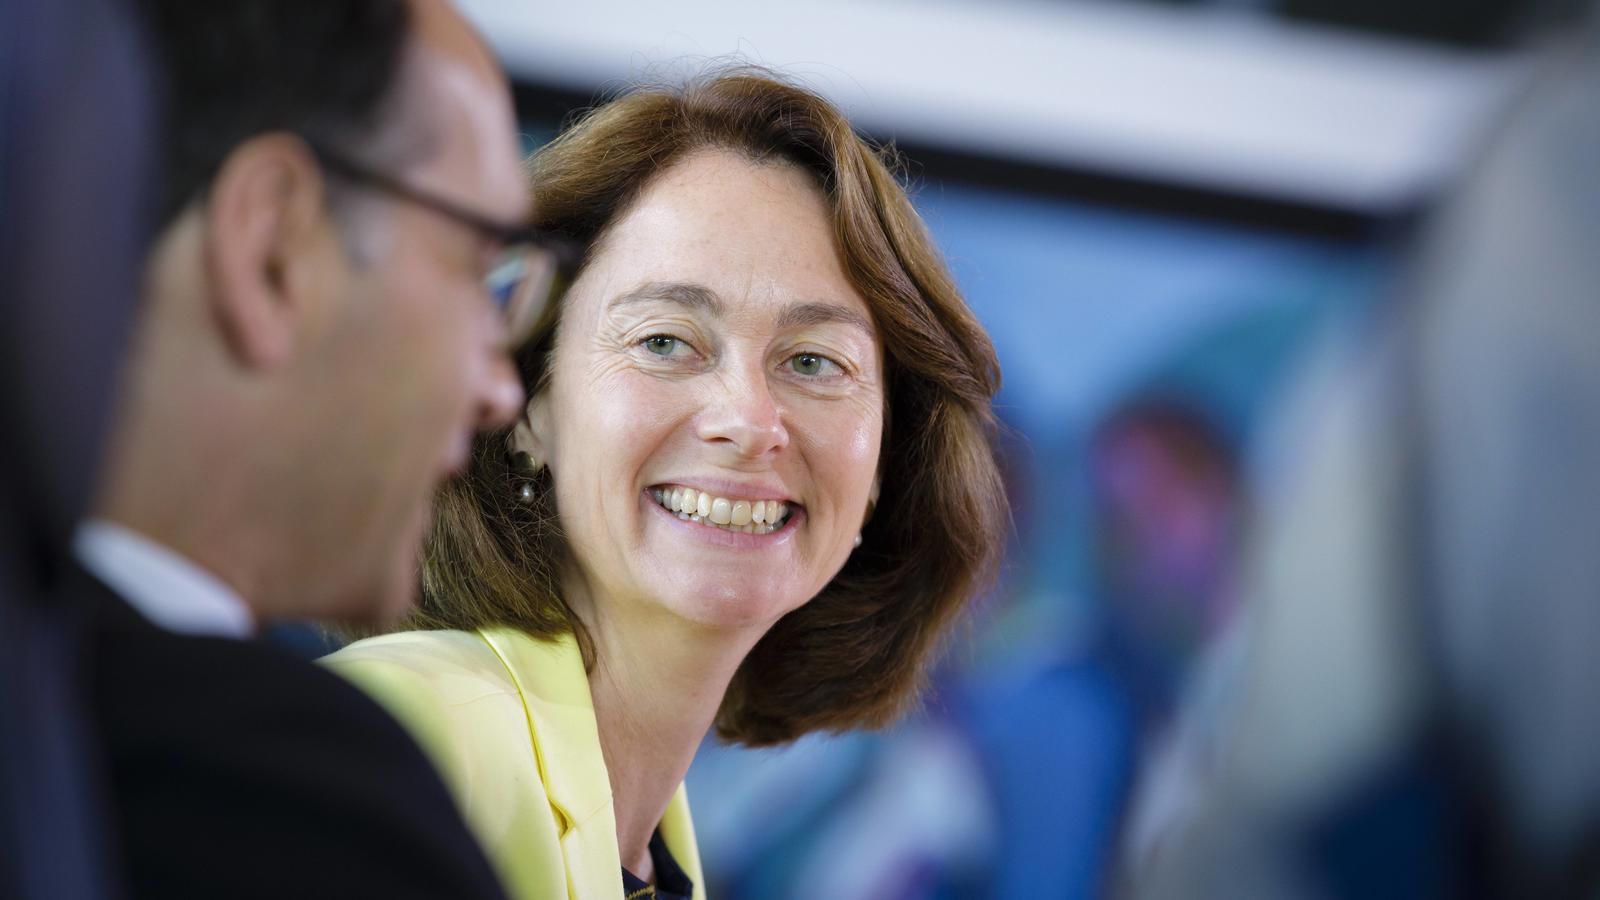 Bundesfamilienministerin Katarina Barley SPD macht sich für eine Frauenquote stark.